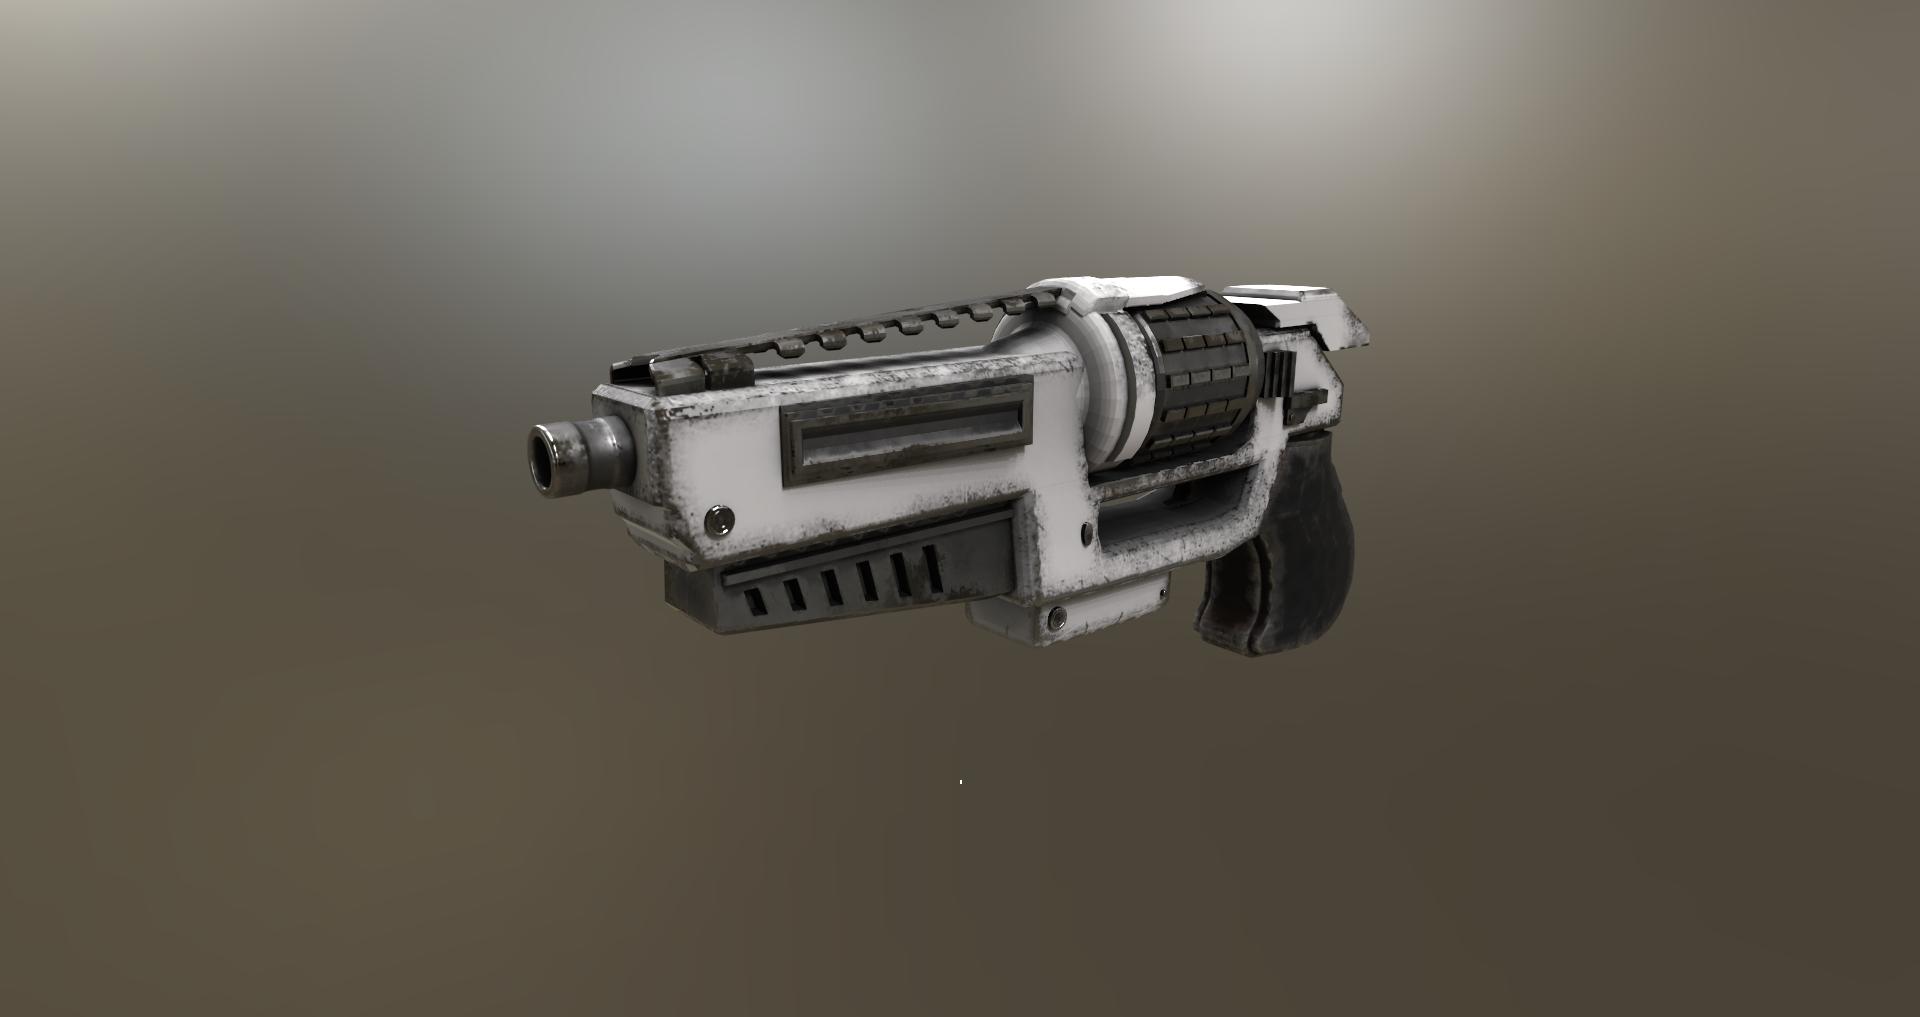 futuristic old school revolver